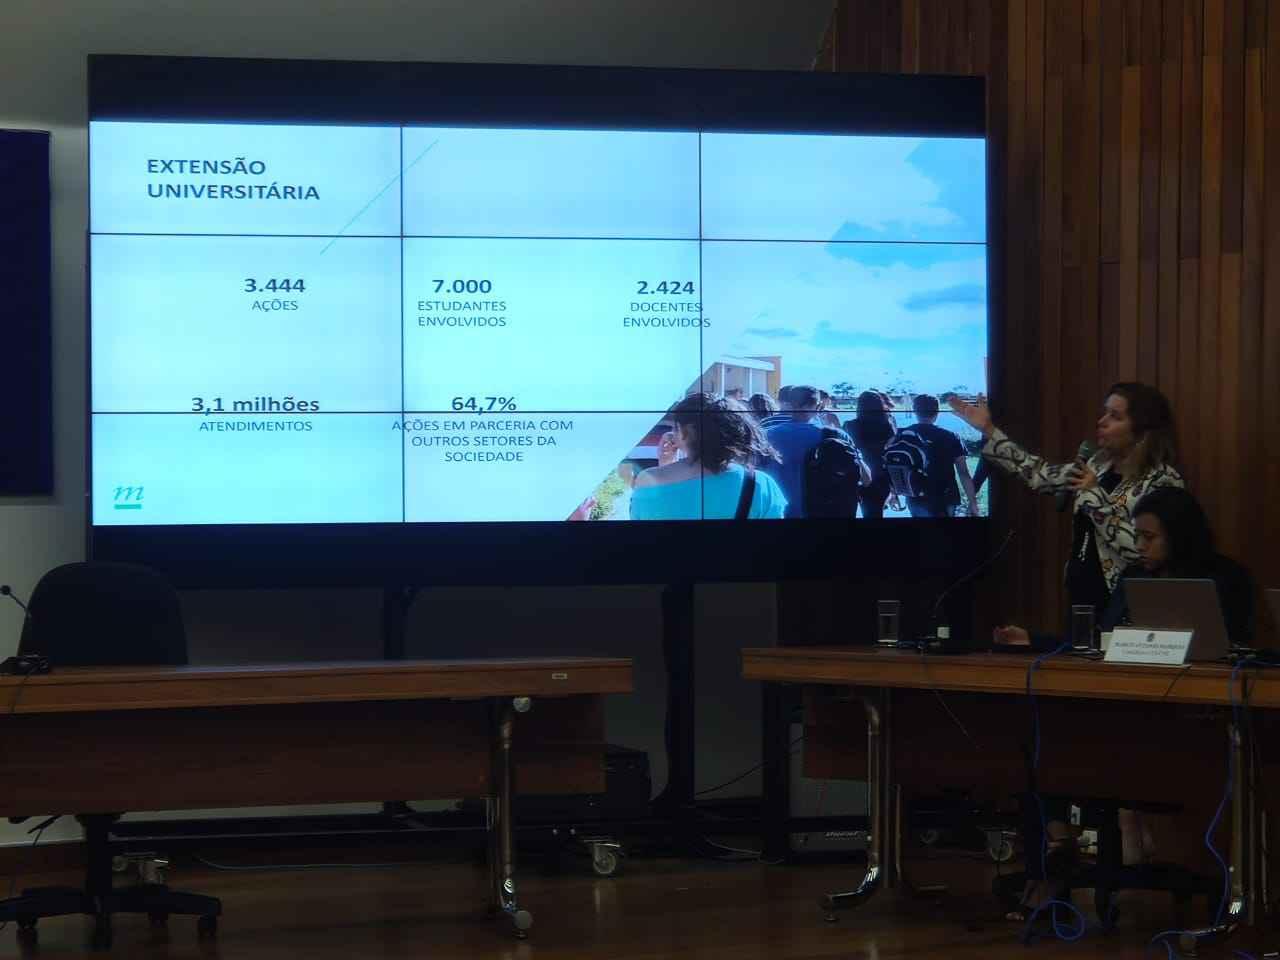 Reitora Sandra Goulart Almeida apresentou números de produção da UFMG em reunião do CNE